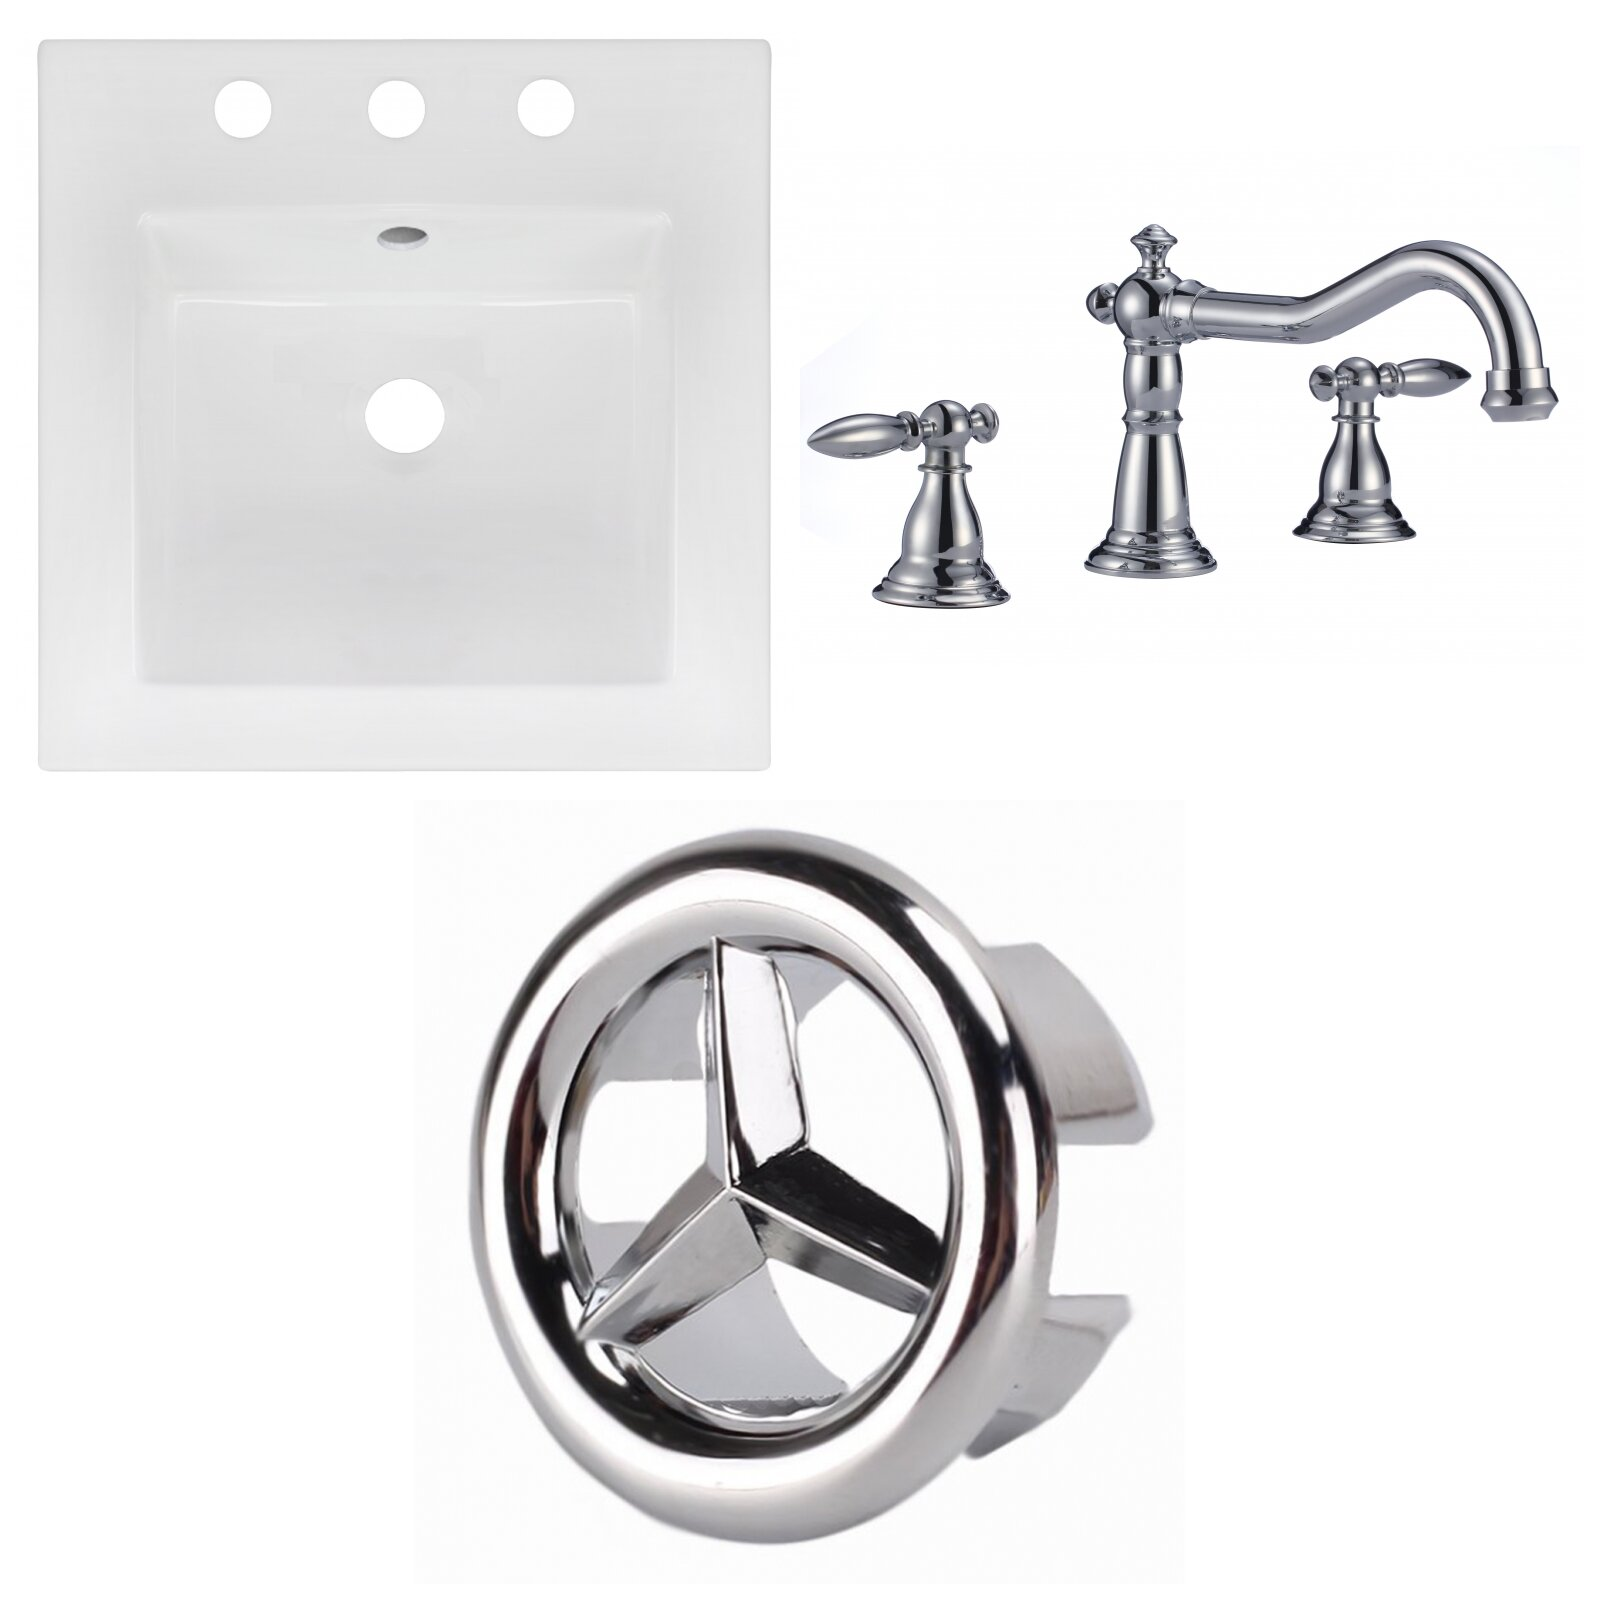 Drop In Sinks Faucet Included Bathroom Sinks You Ll Love In 2021 Wayfair